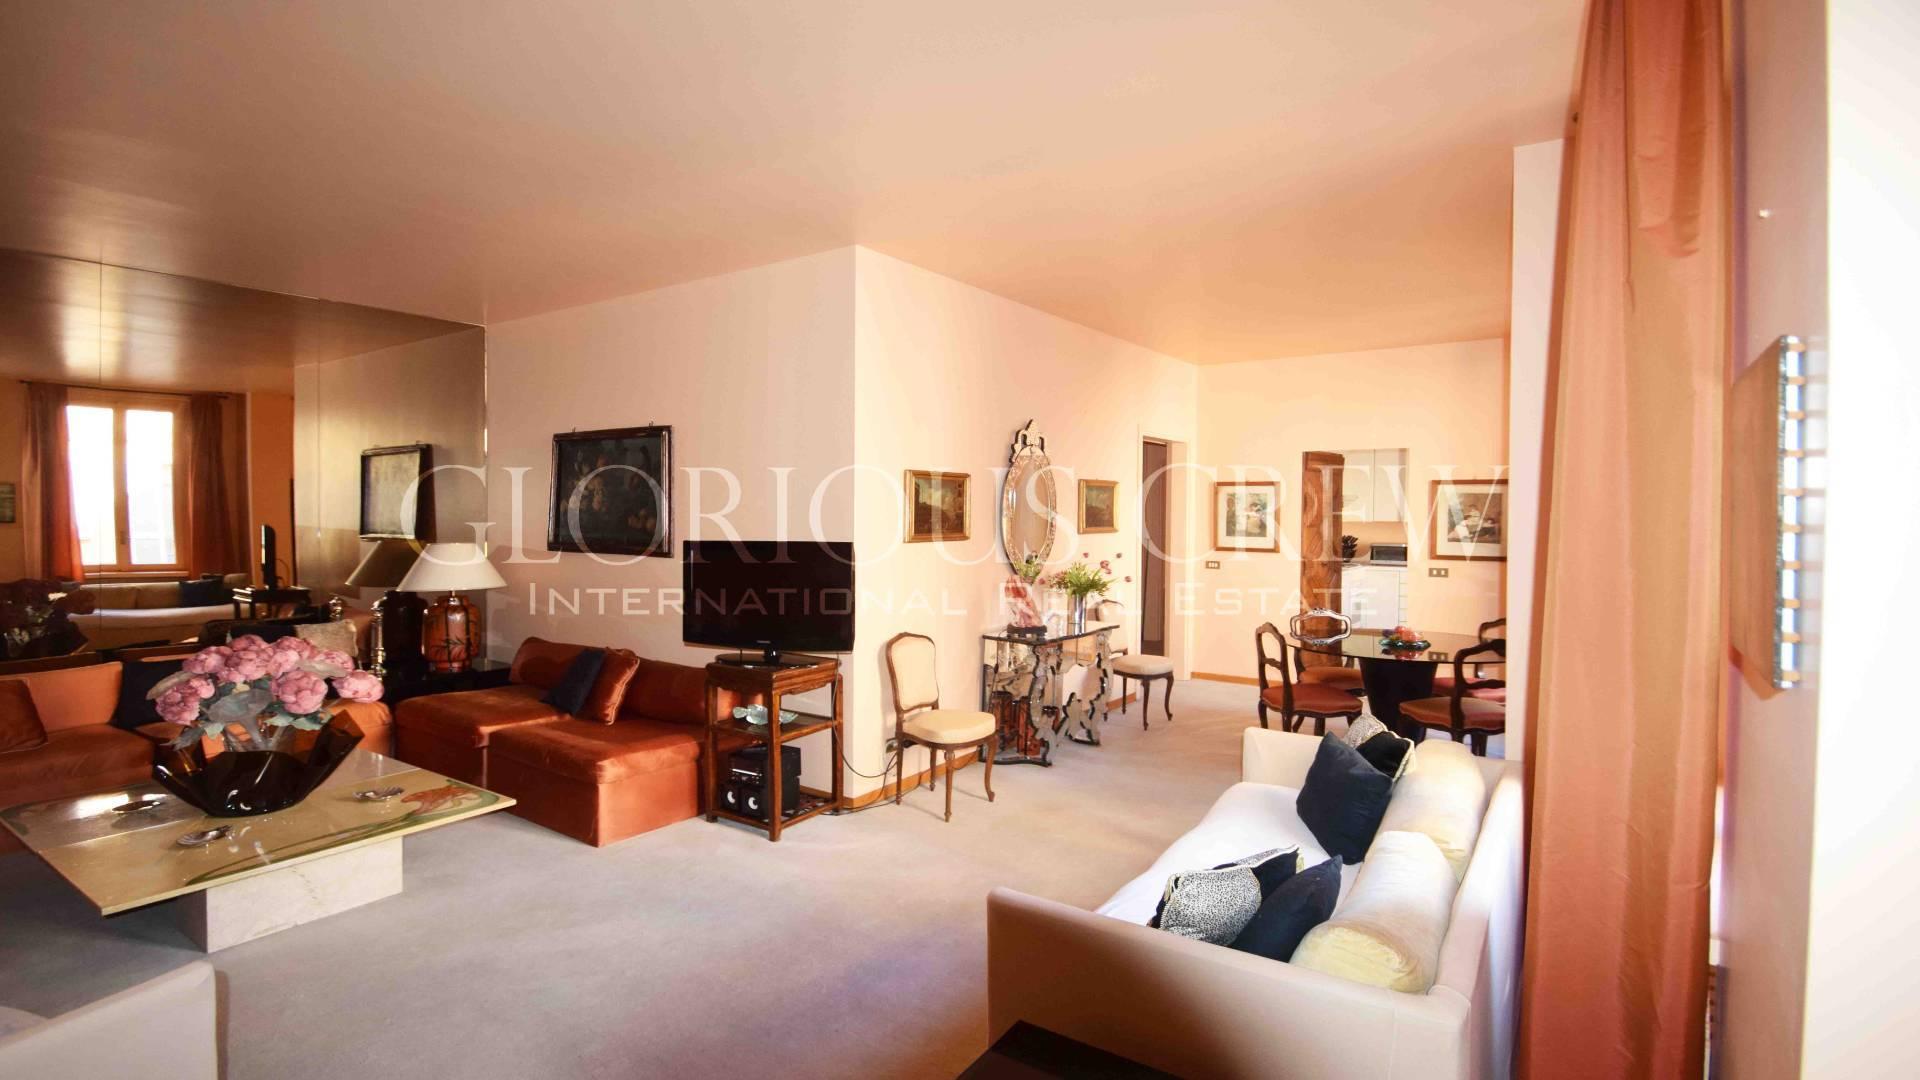 Appartamento in Vendita a Milano: 4 locali, 129 mq - Foto 2